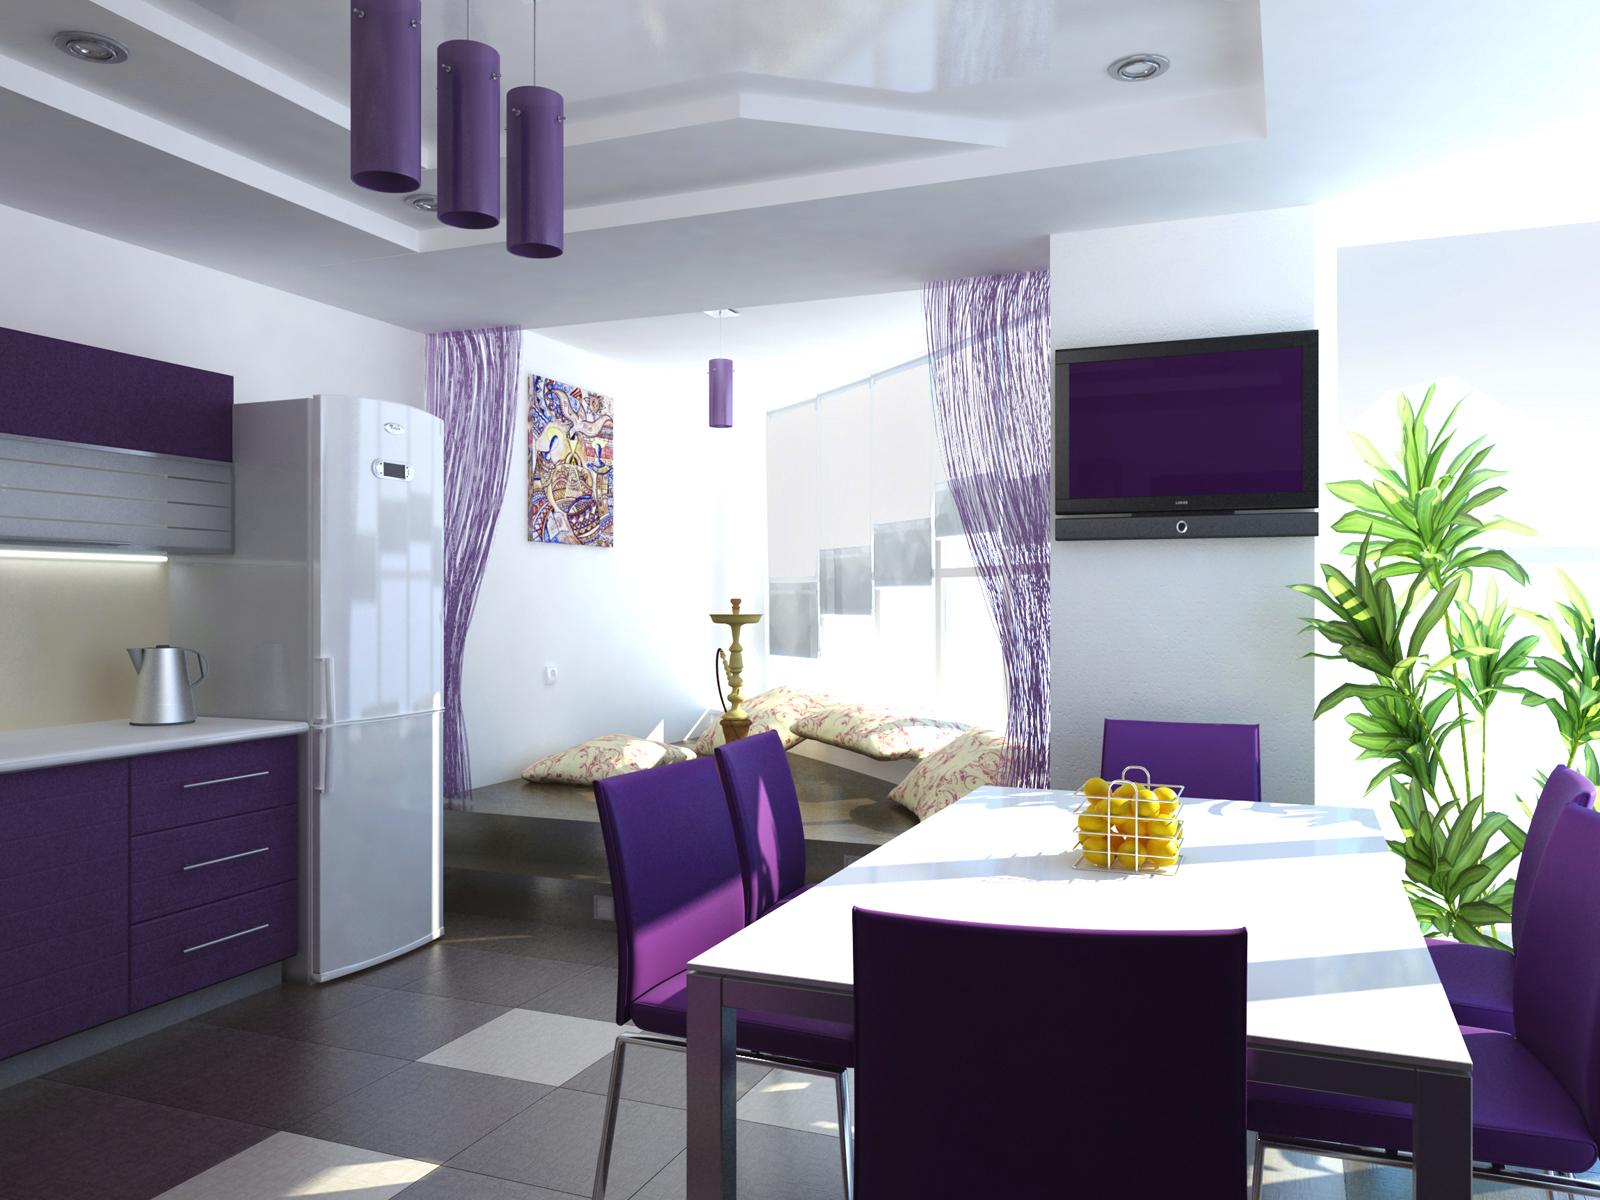 дизайн яркой кухни в фиолетовых тонах